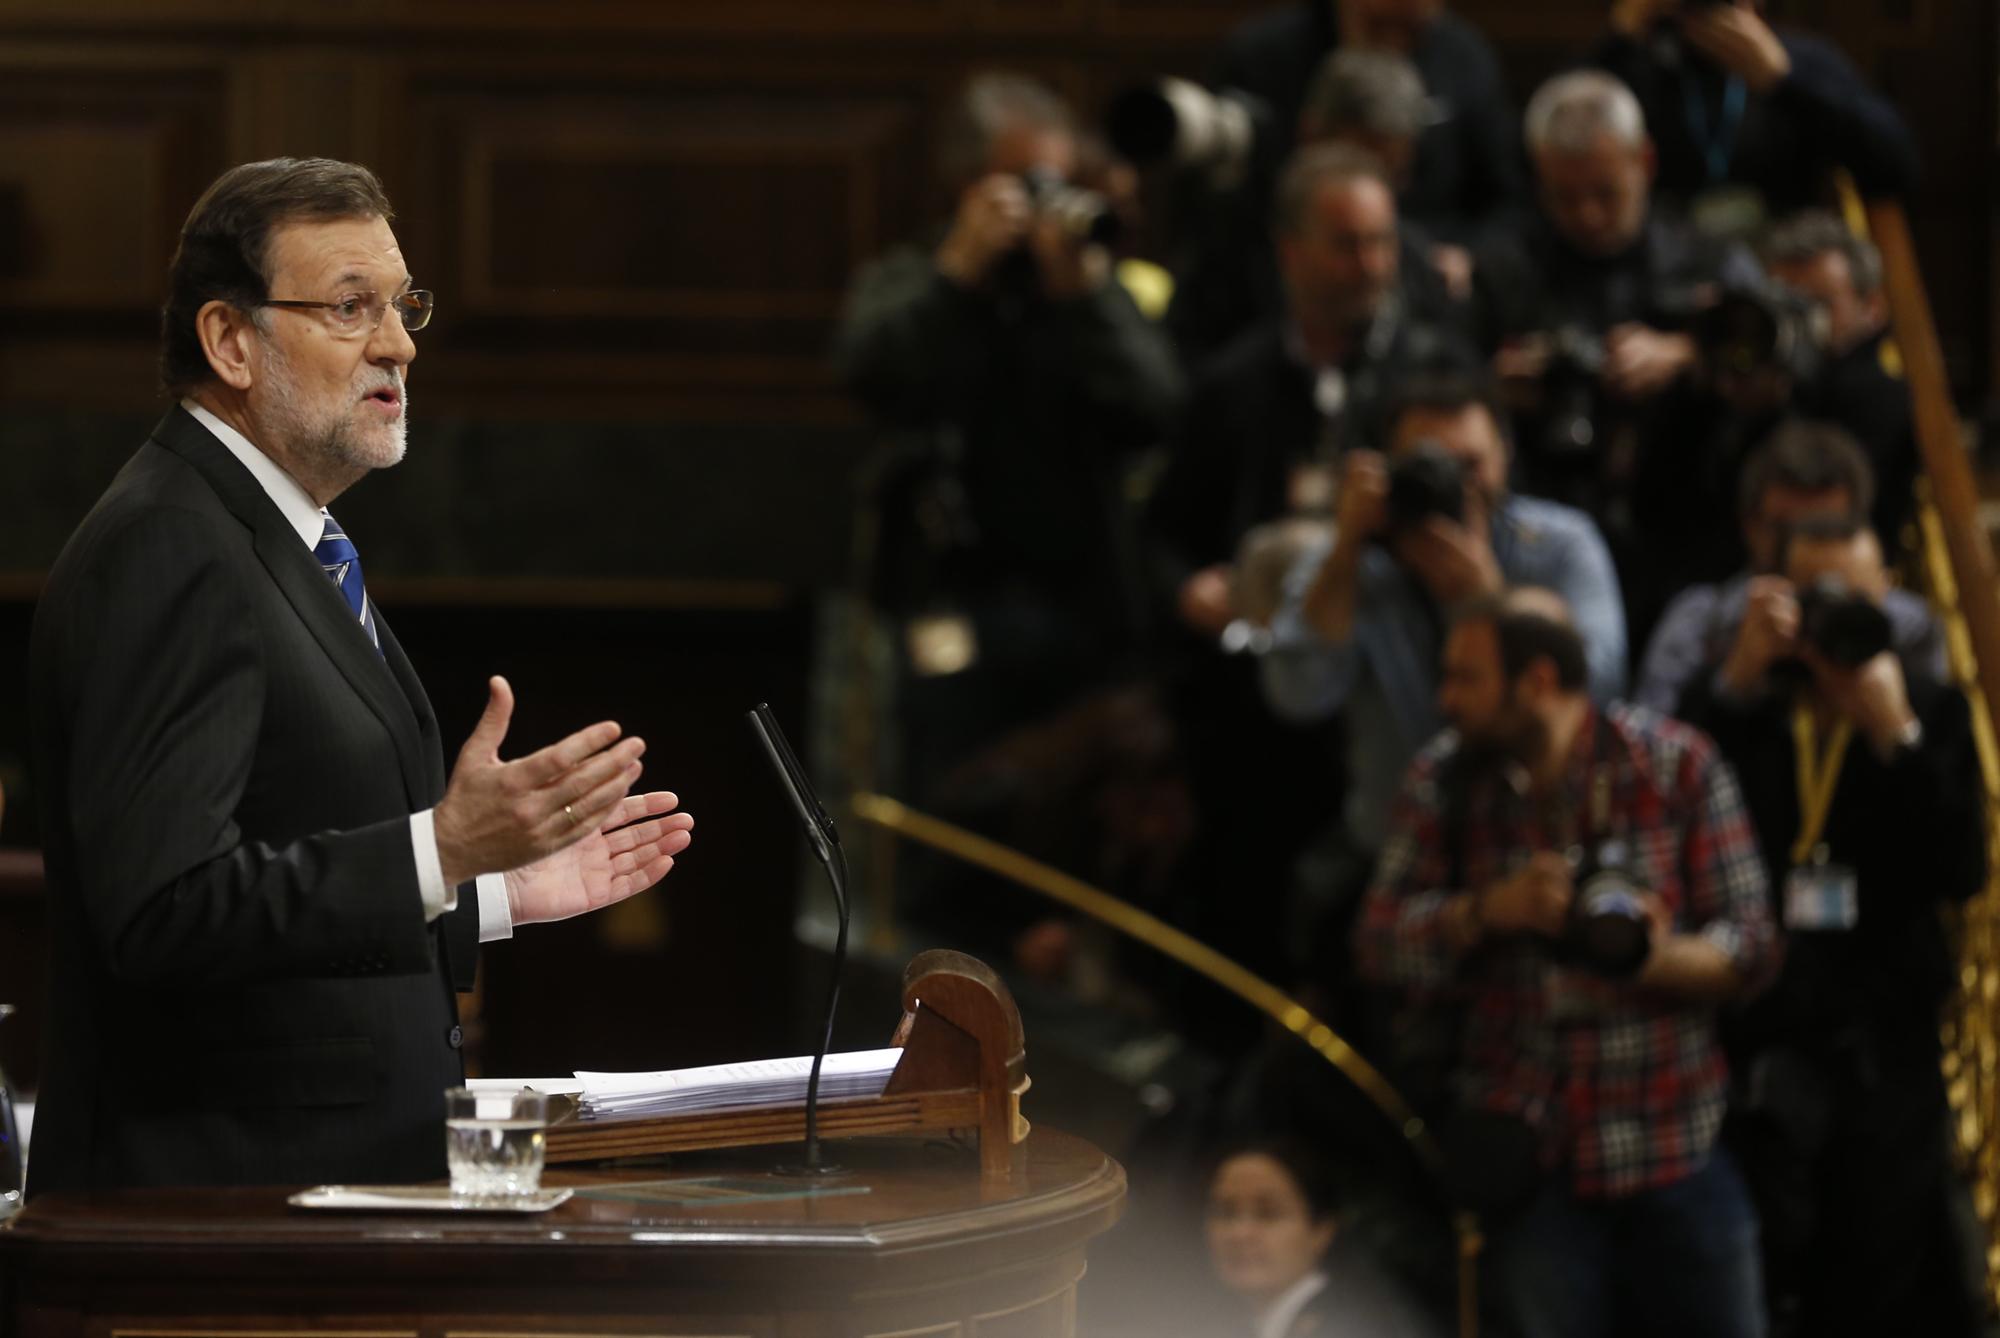 Foto artículo: La herencia que nos dejará Rajoy